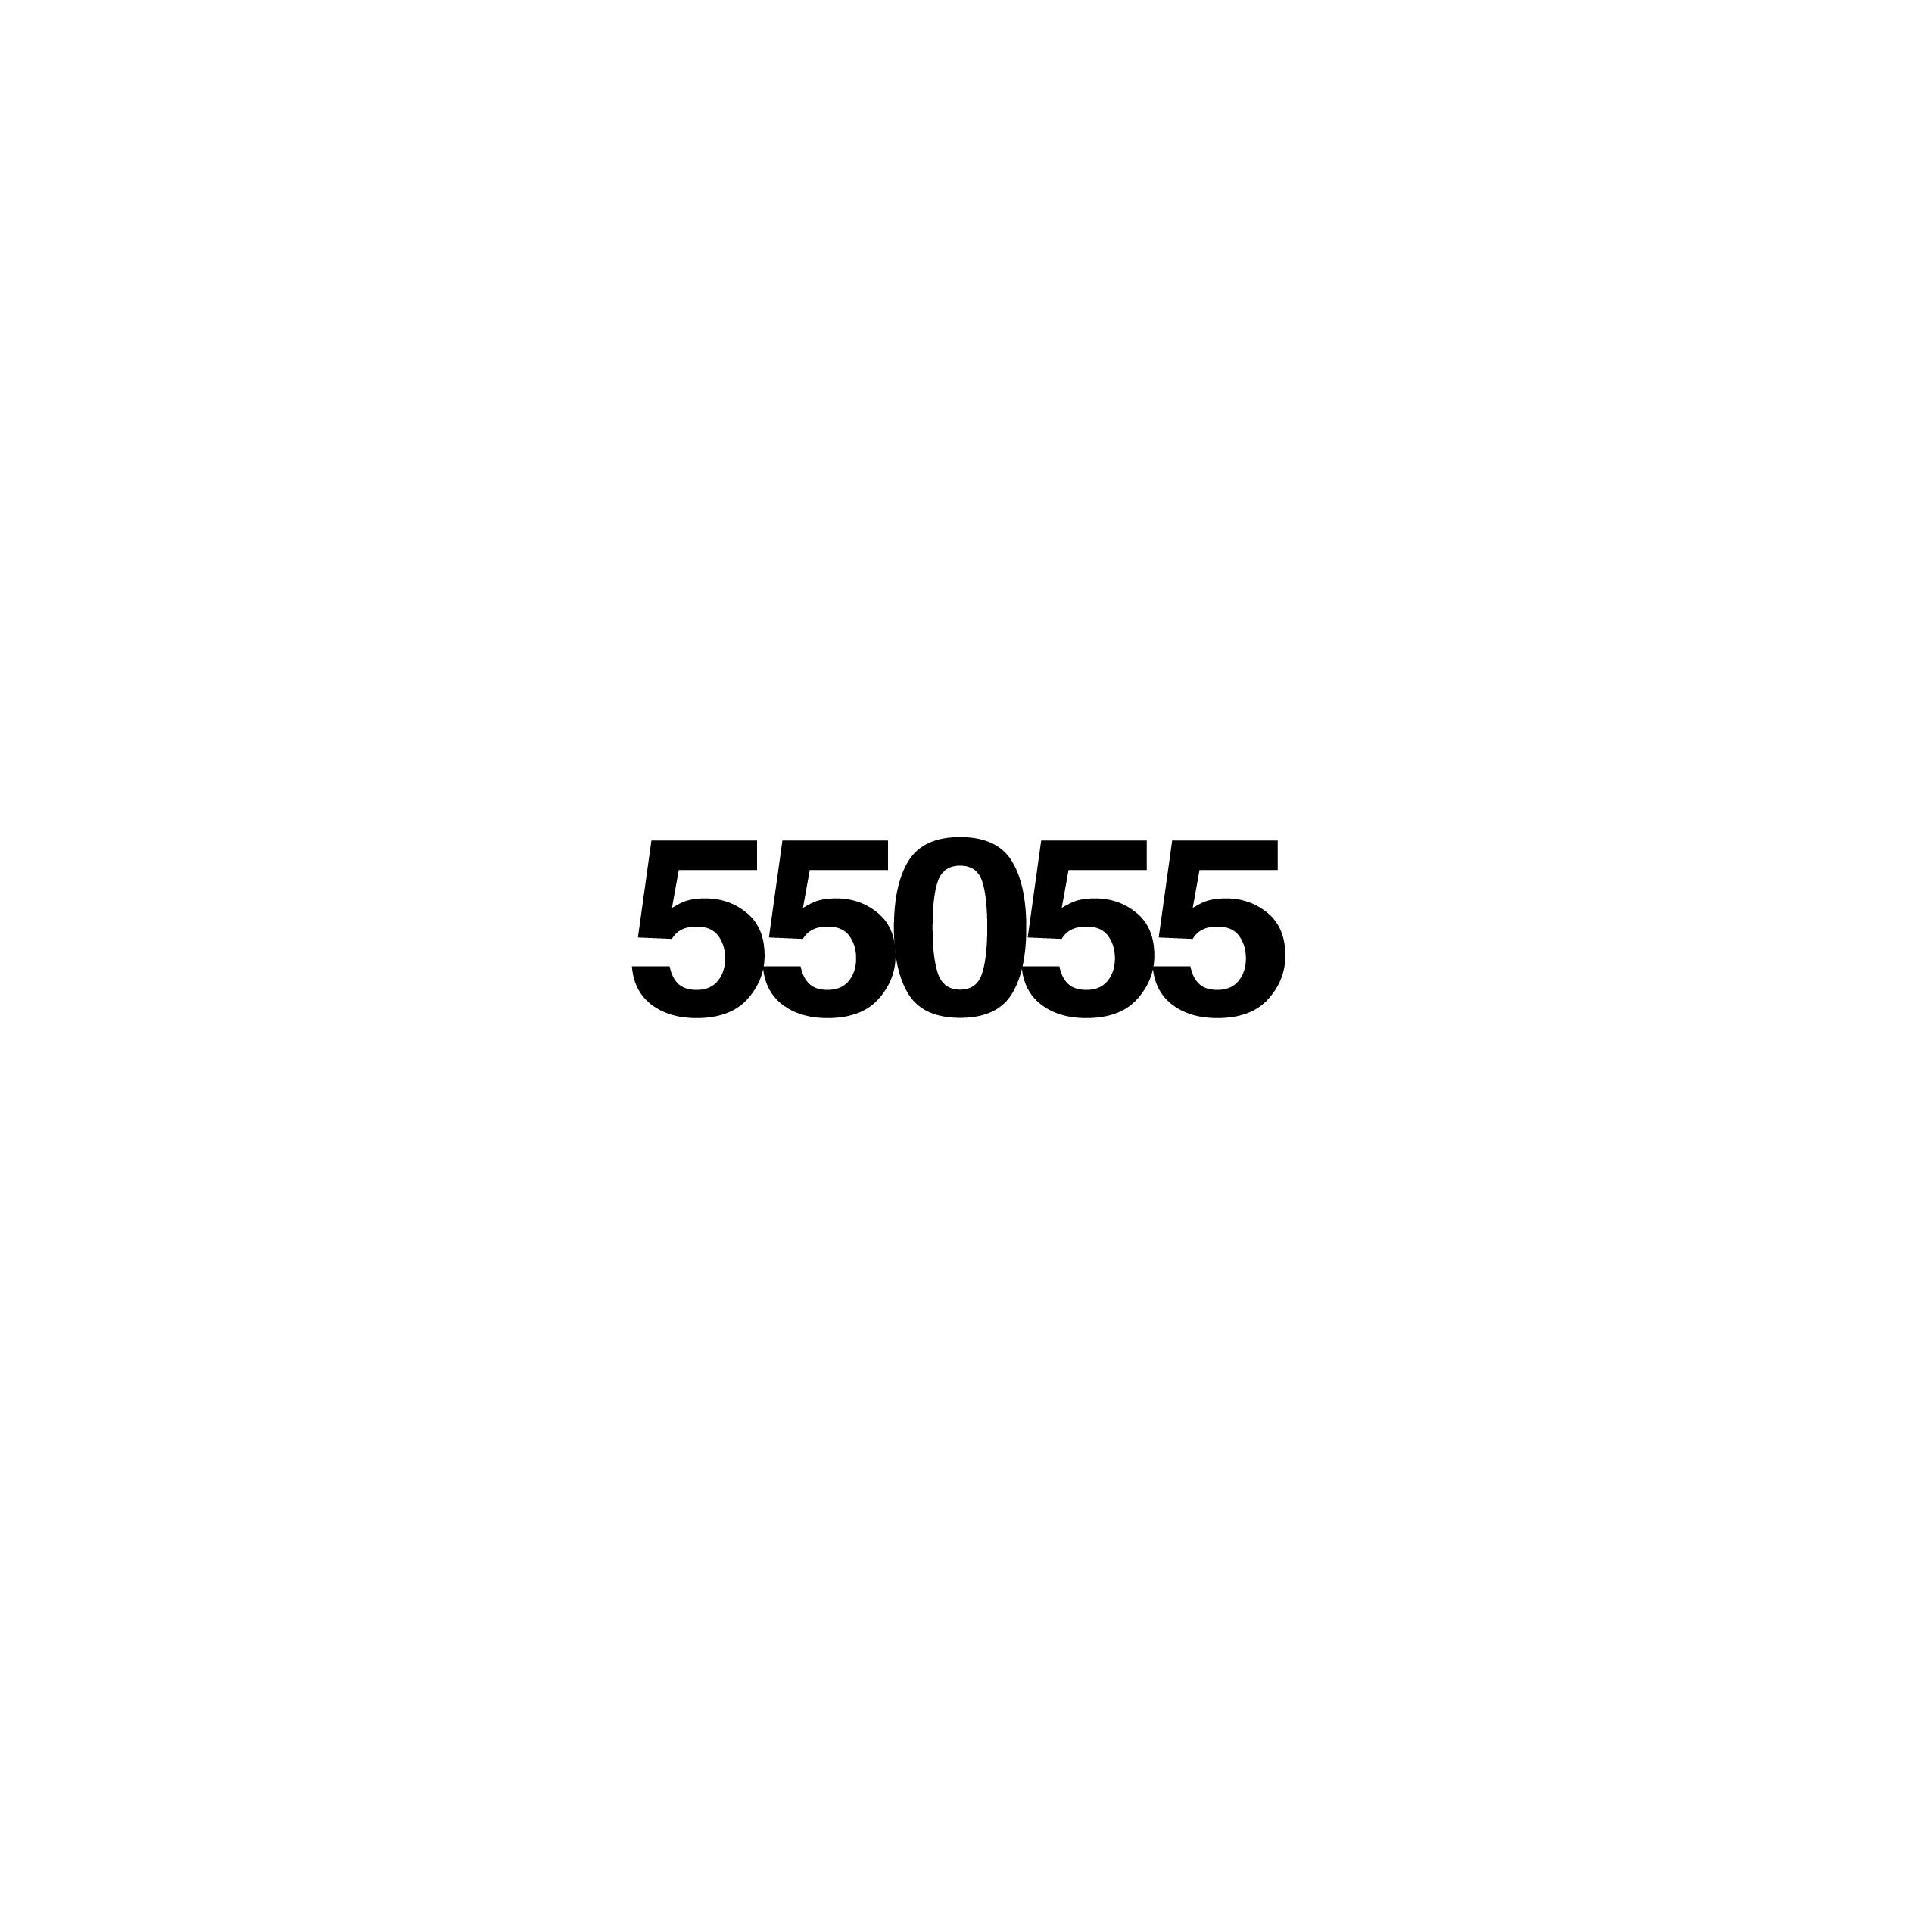 コンセプト 意味 55055 ゴーゴーマルゴーゴー